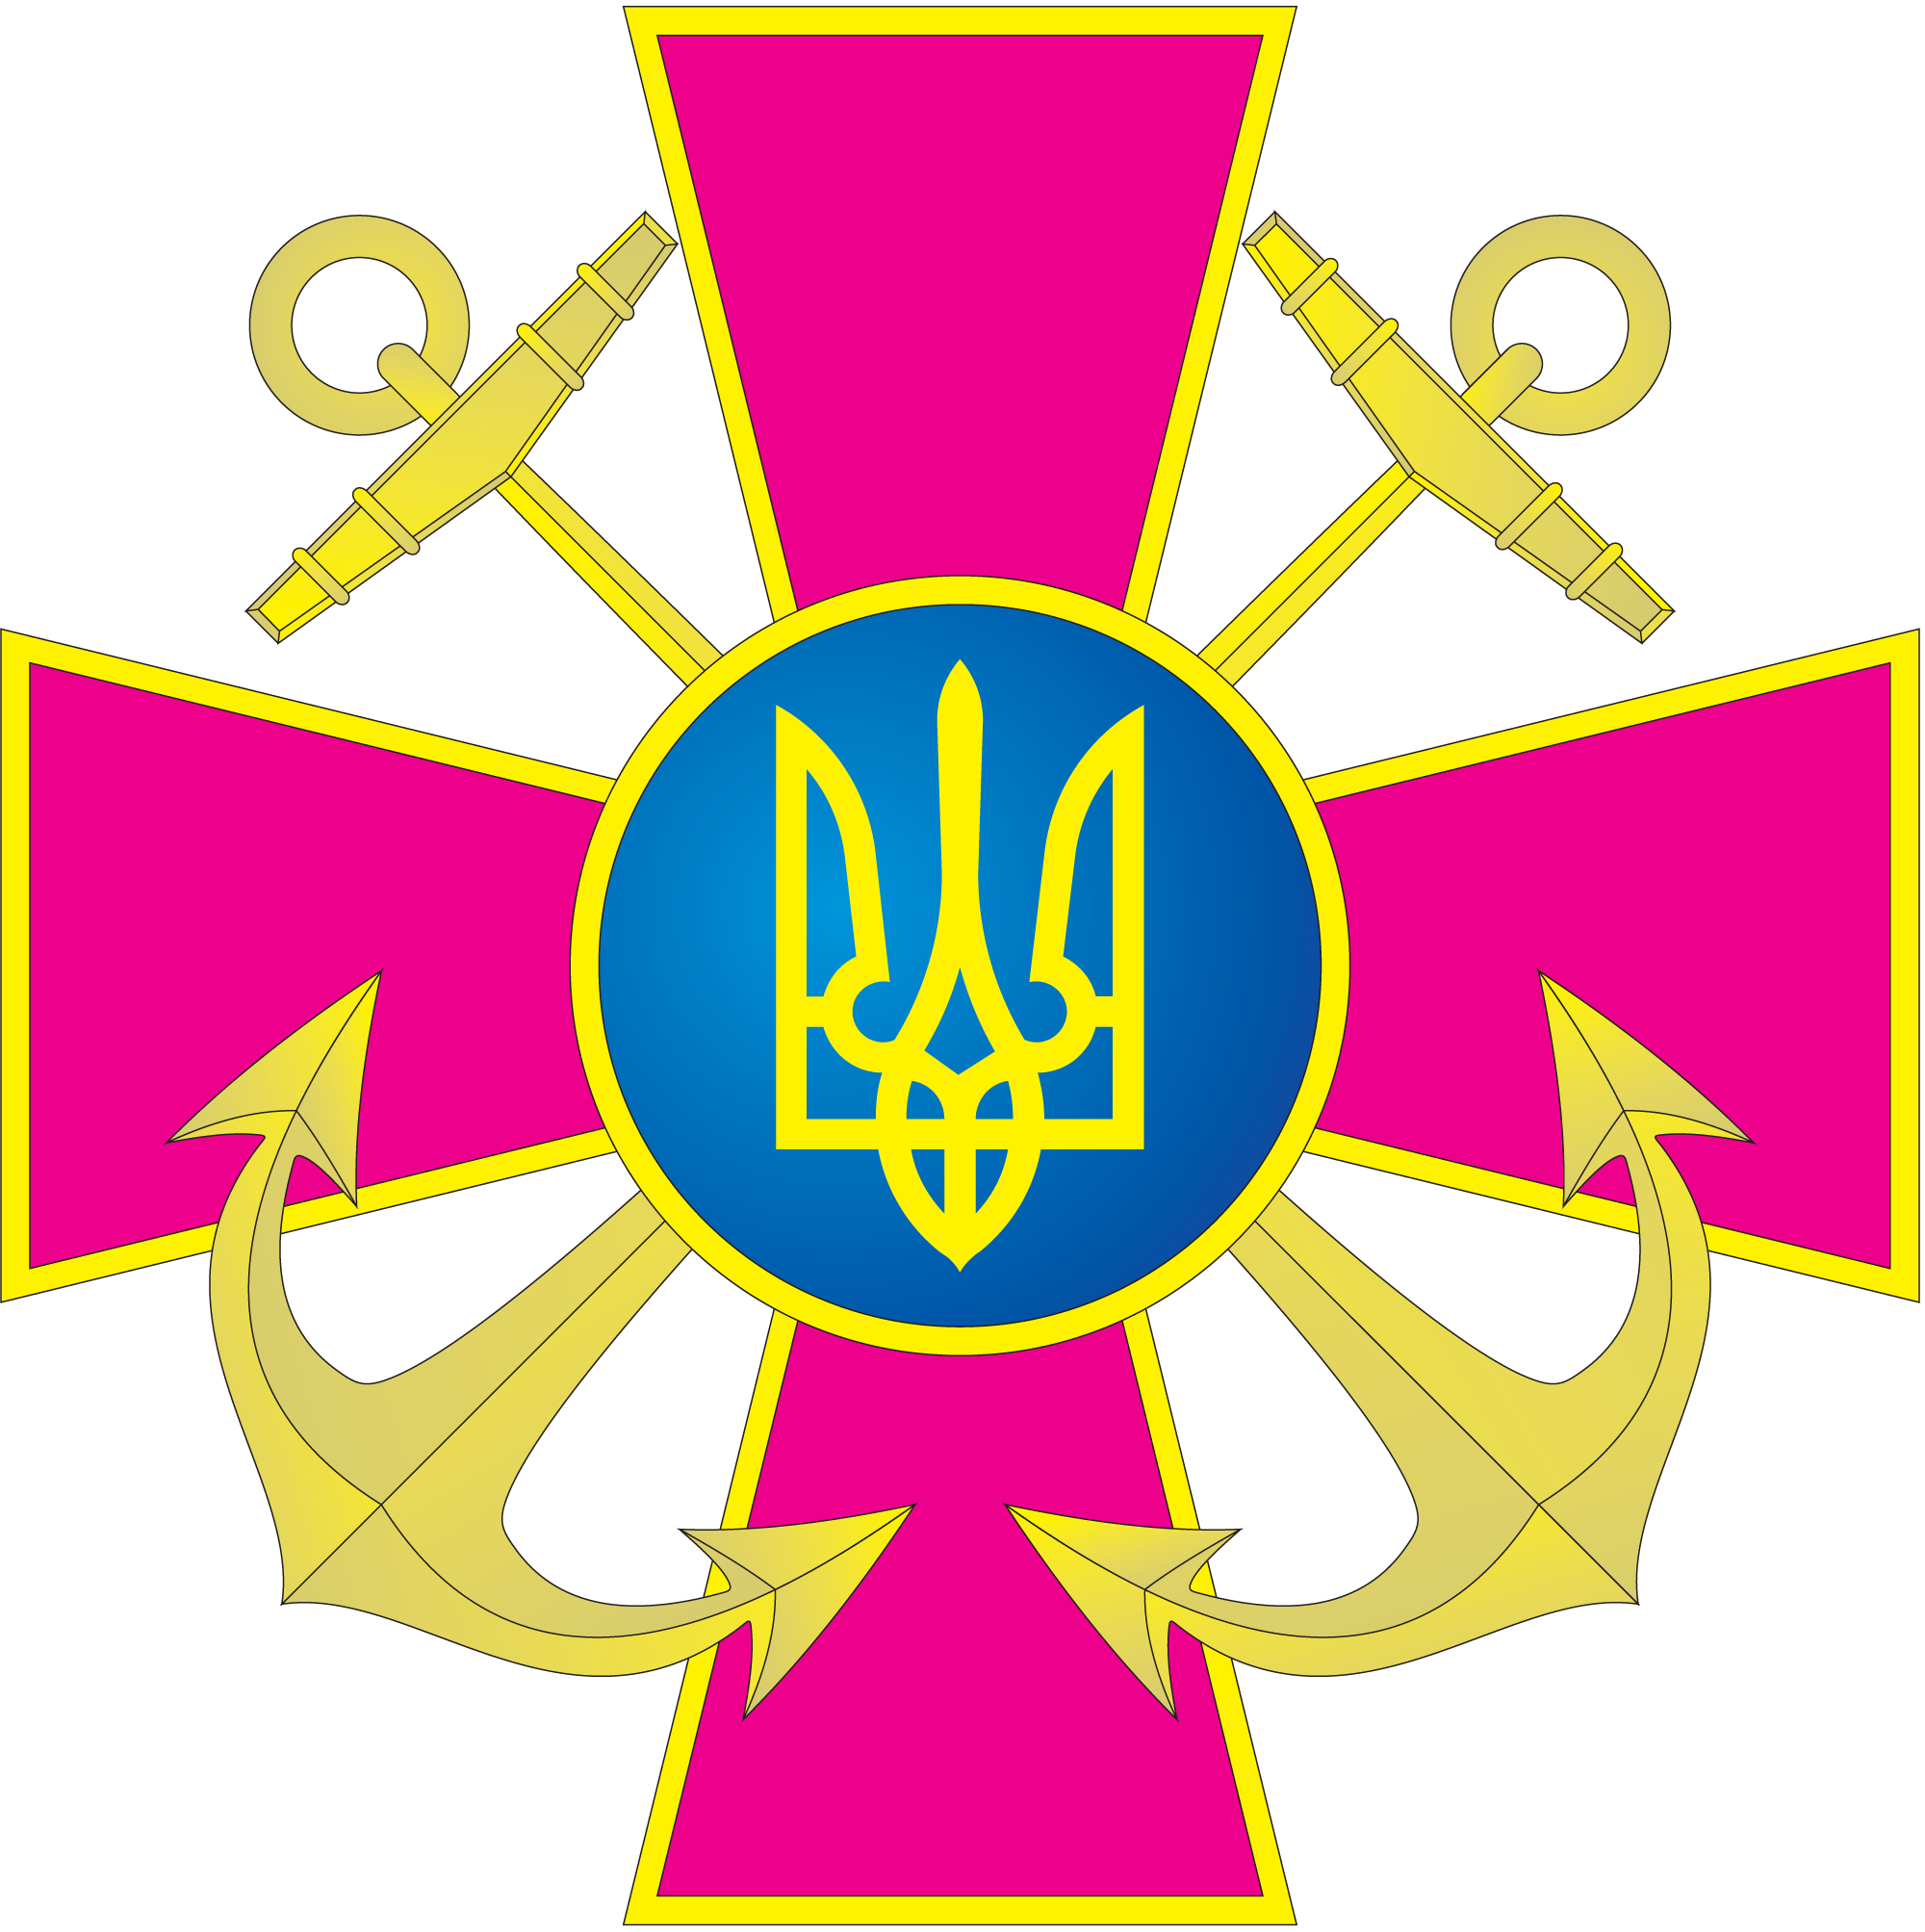 Эмблема Военно-морских сил Украины